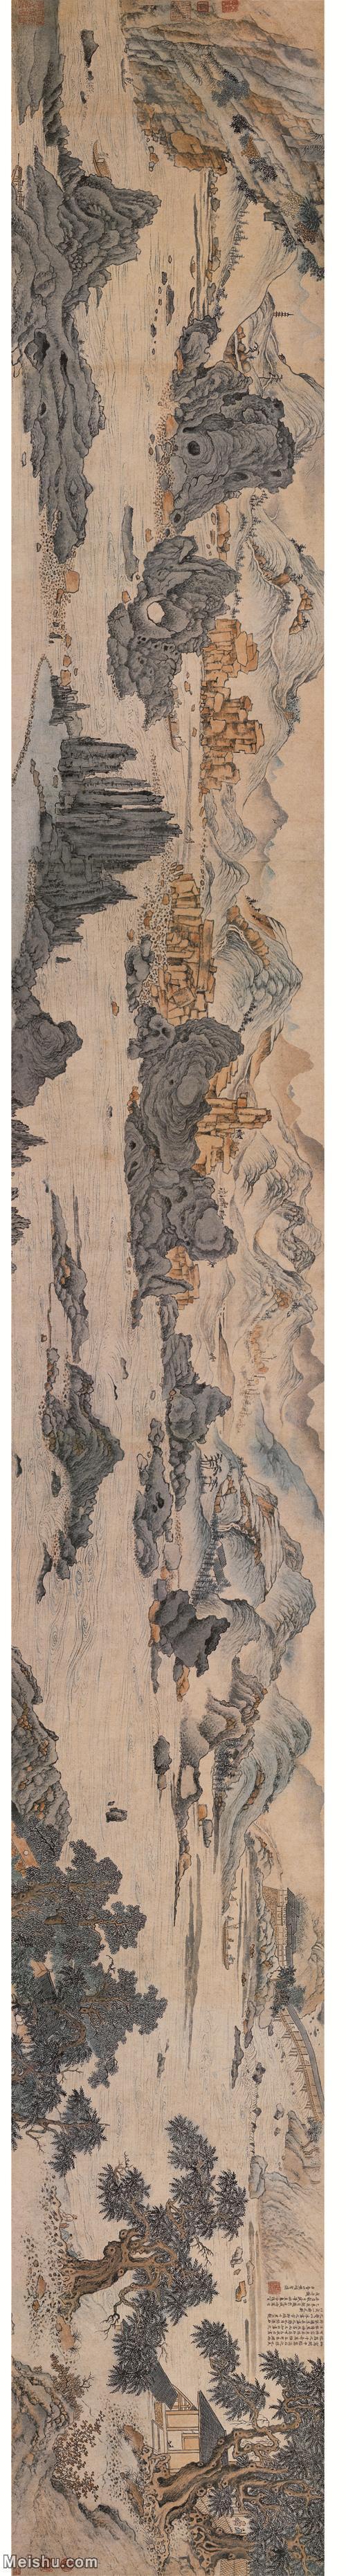 【超顶级】GH7280185古画山水风景项圣漠闽中山水镜片图片-345M-25981X3487.jpg